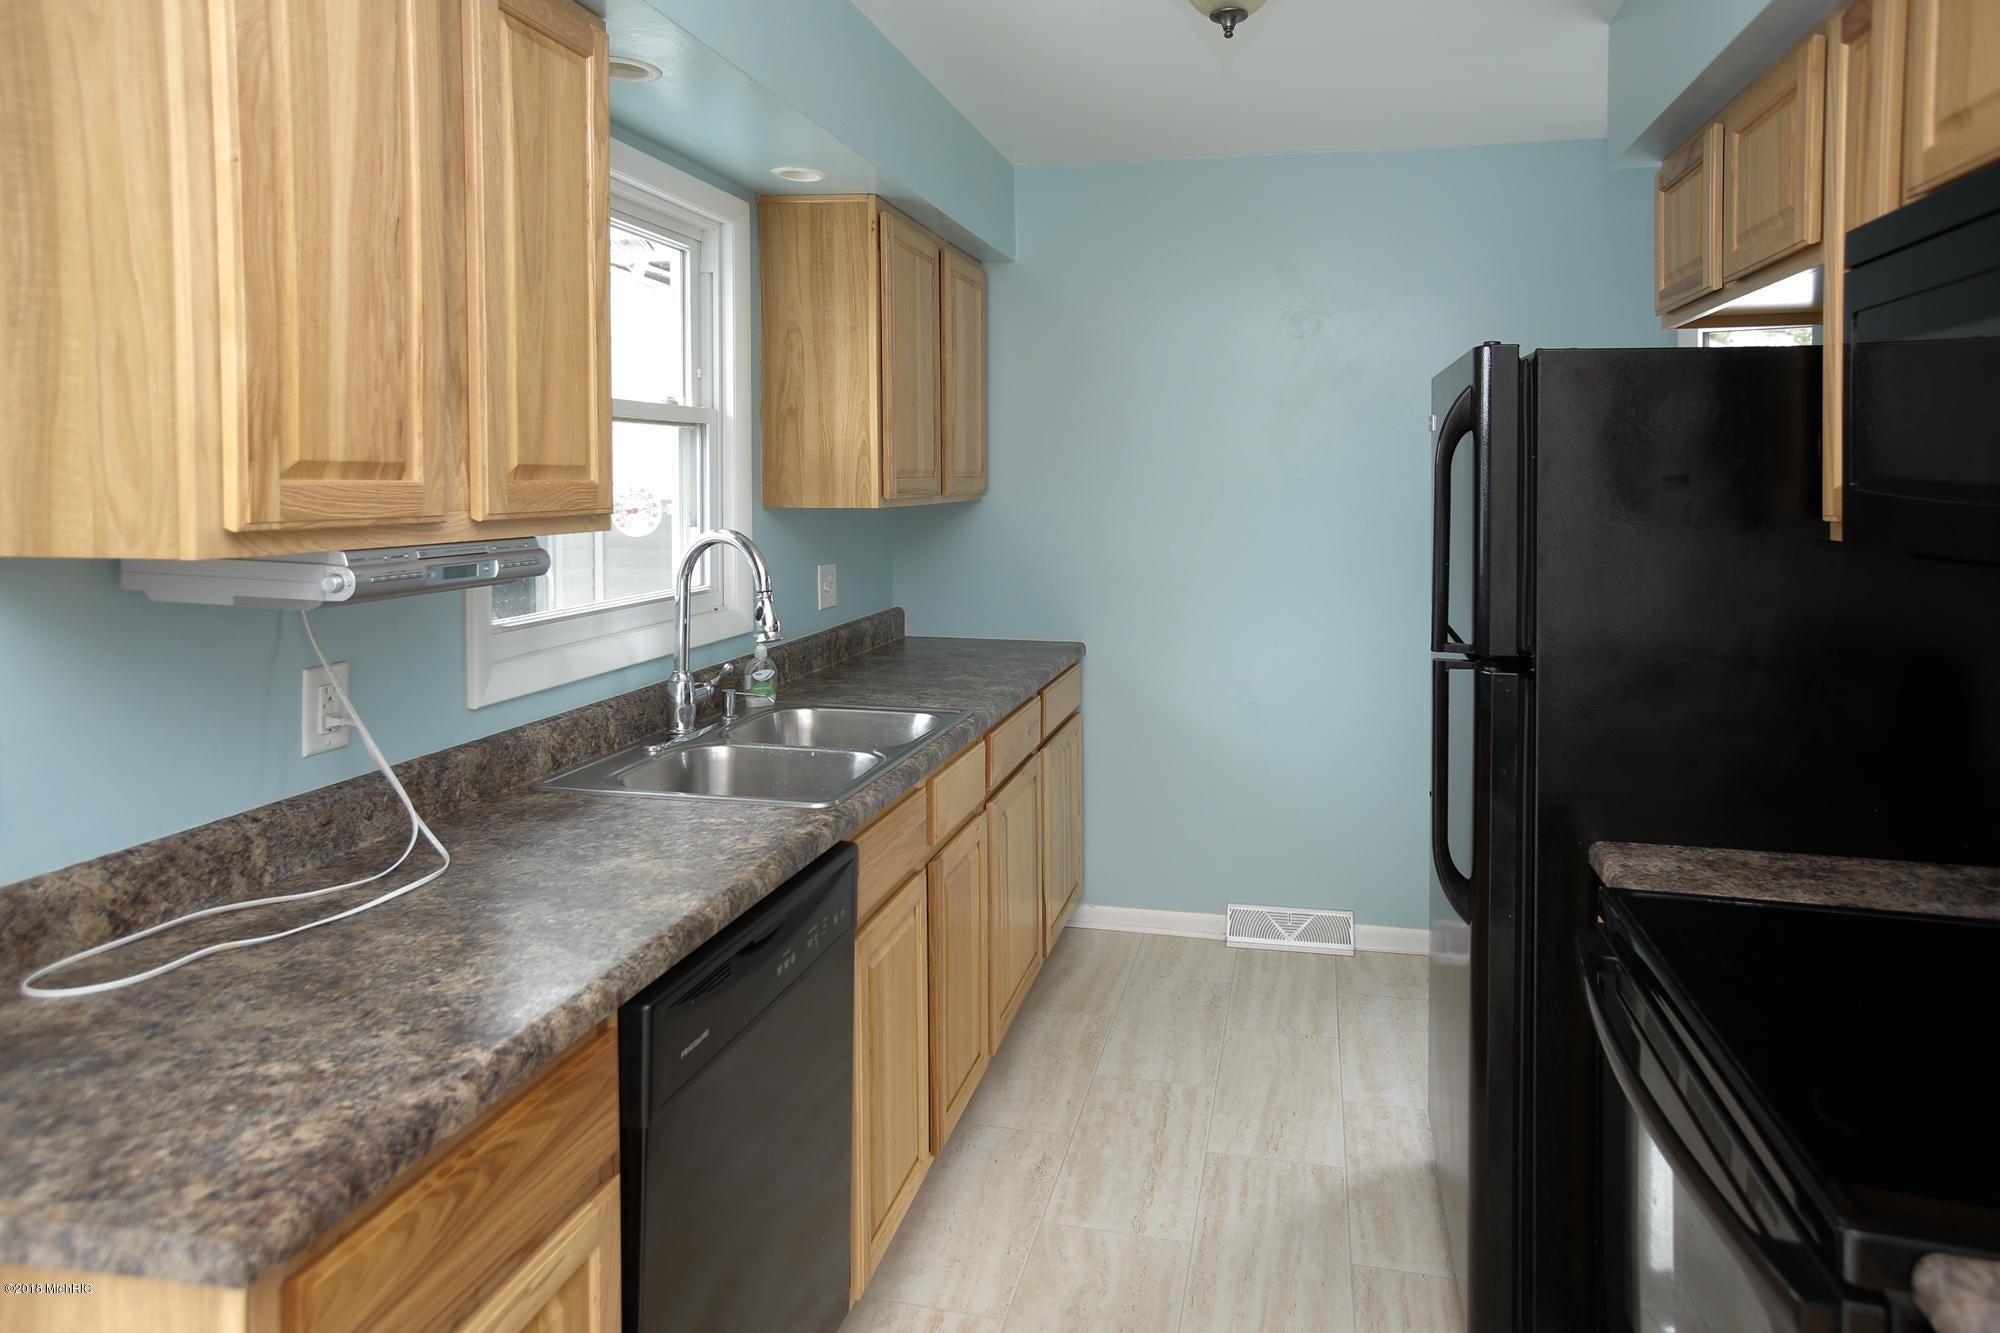 6903 Keystone Street, Portage, MI 49024, MLS # 18037090   Jaqua Realtors